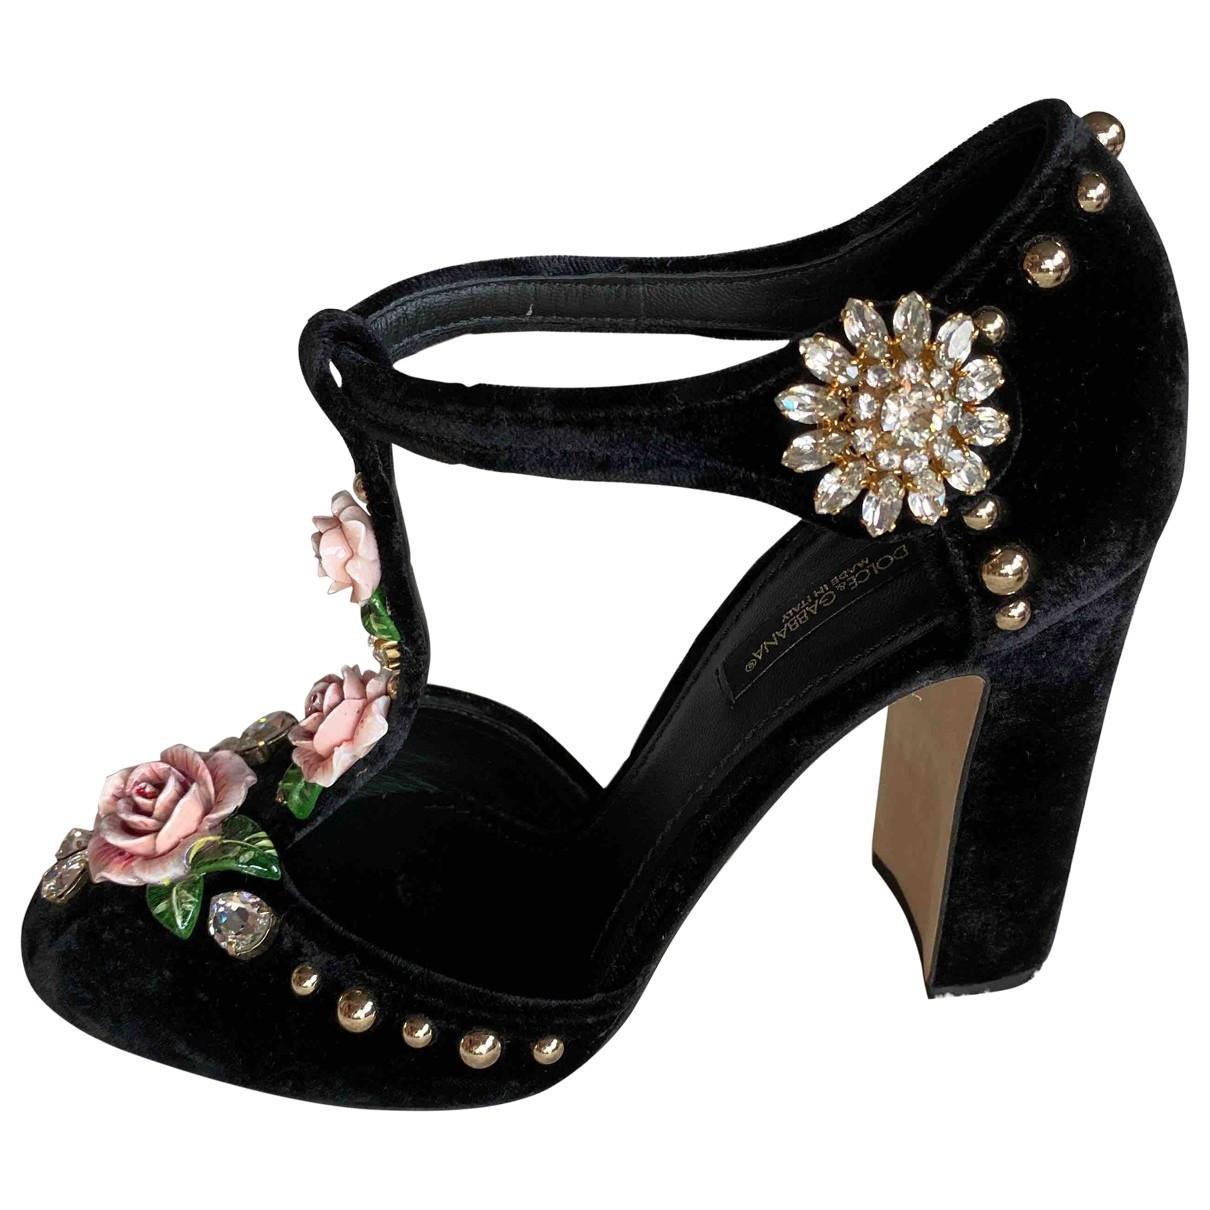 Tacones de Terciopelo Dolce & Gabbana